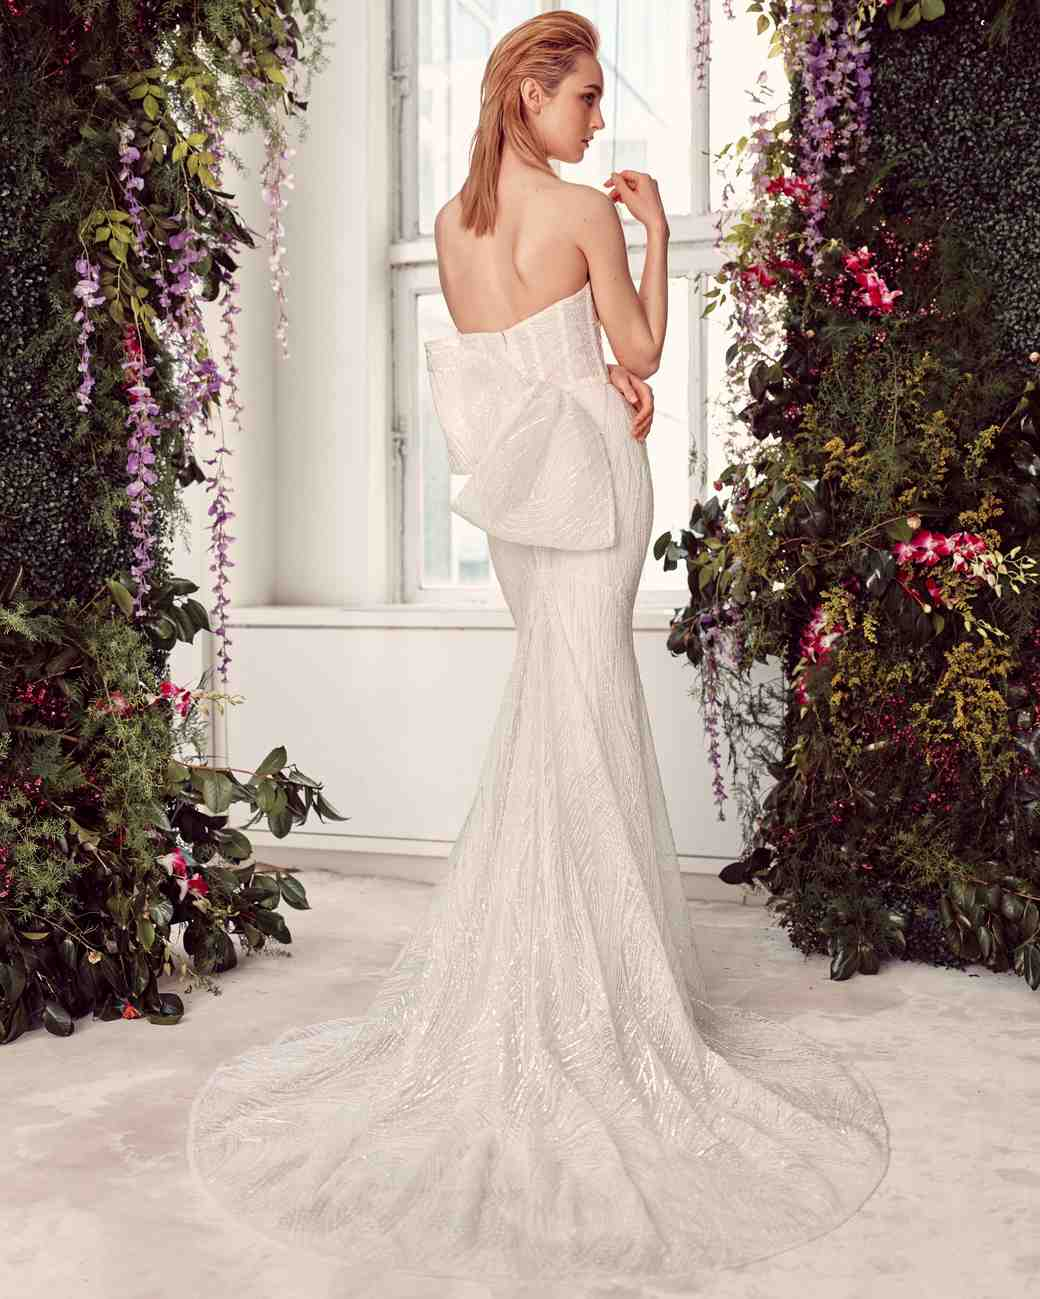 05de9c1bcb4 Rivini by Rita Vinieris Bridal Spring 2020 Fashion t